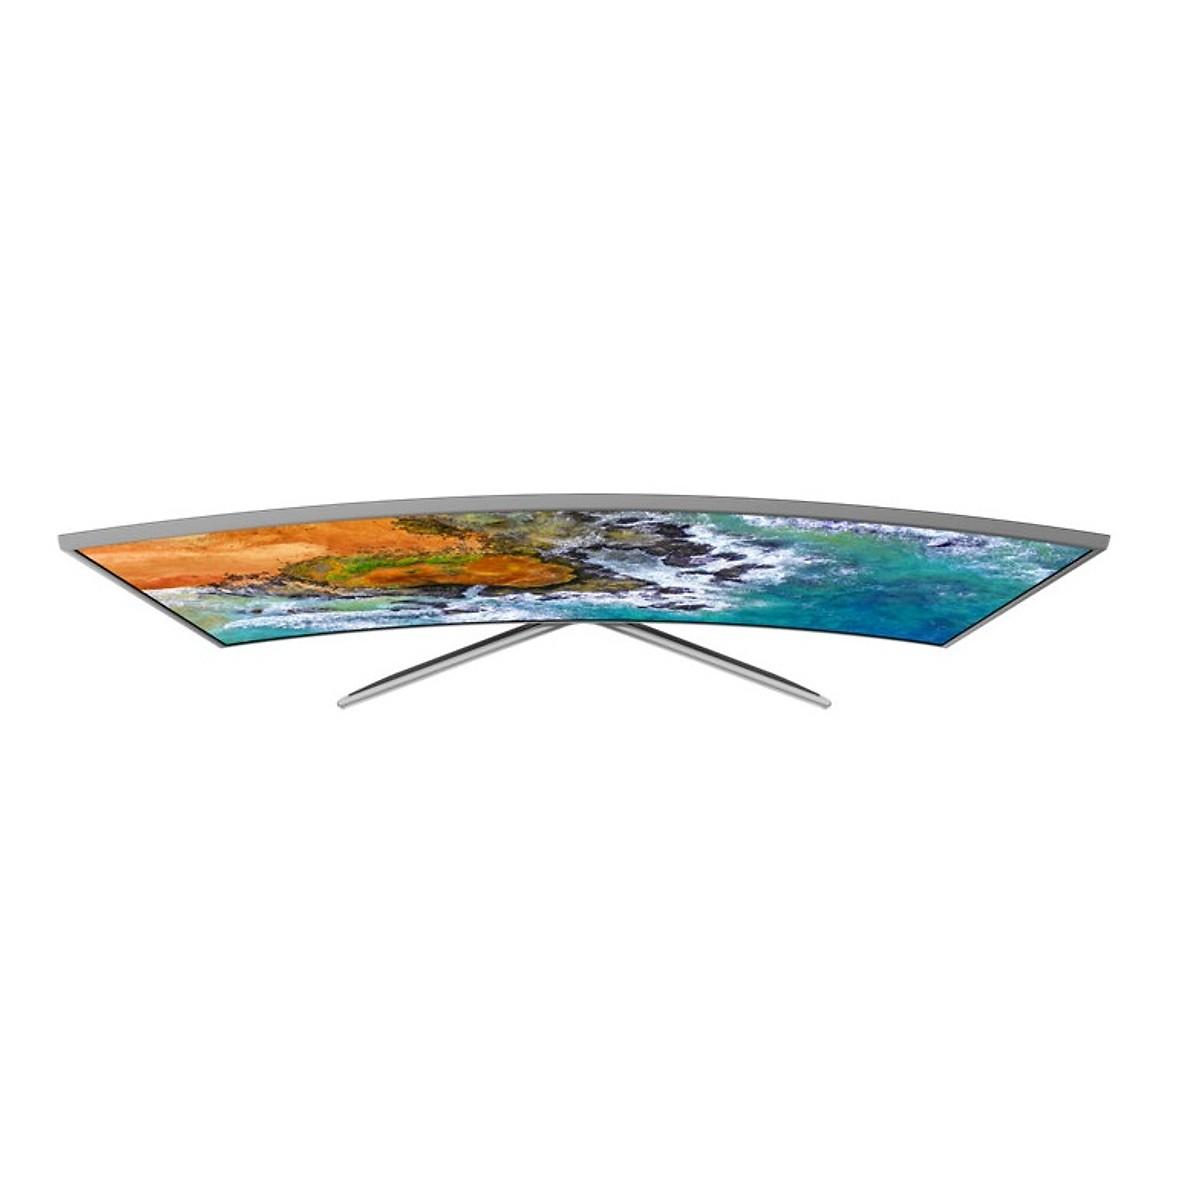 Smart Tivi Cong Samsung 65 inch 65NU7500, 4K UHD, HDR - Hàng Chính Hãng + Tặng Khung Treo Cố Định